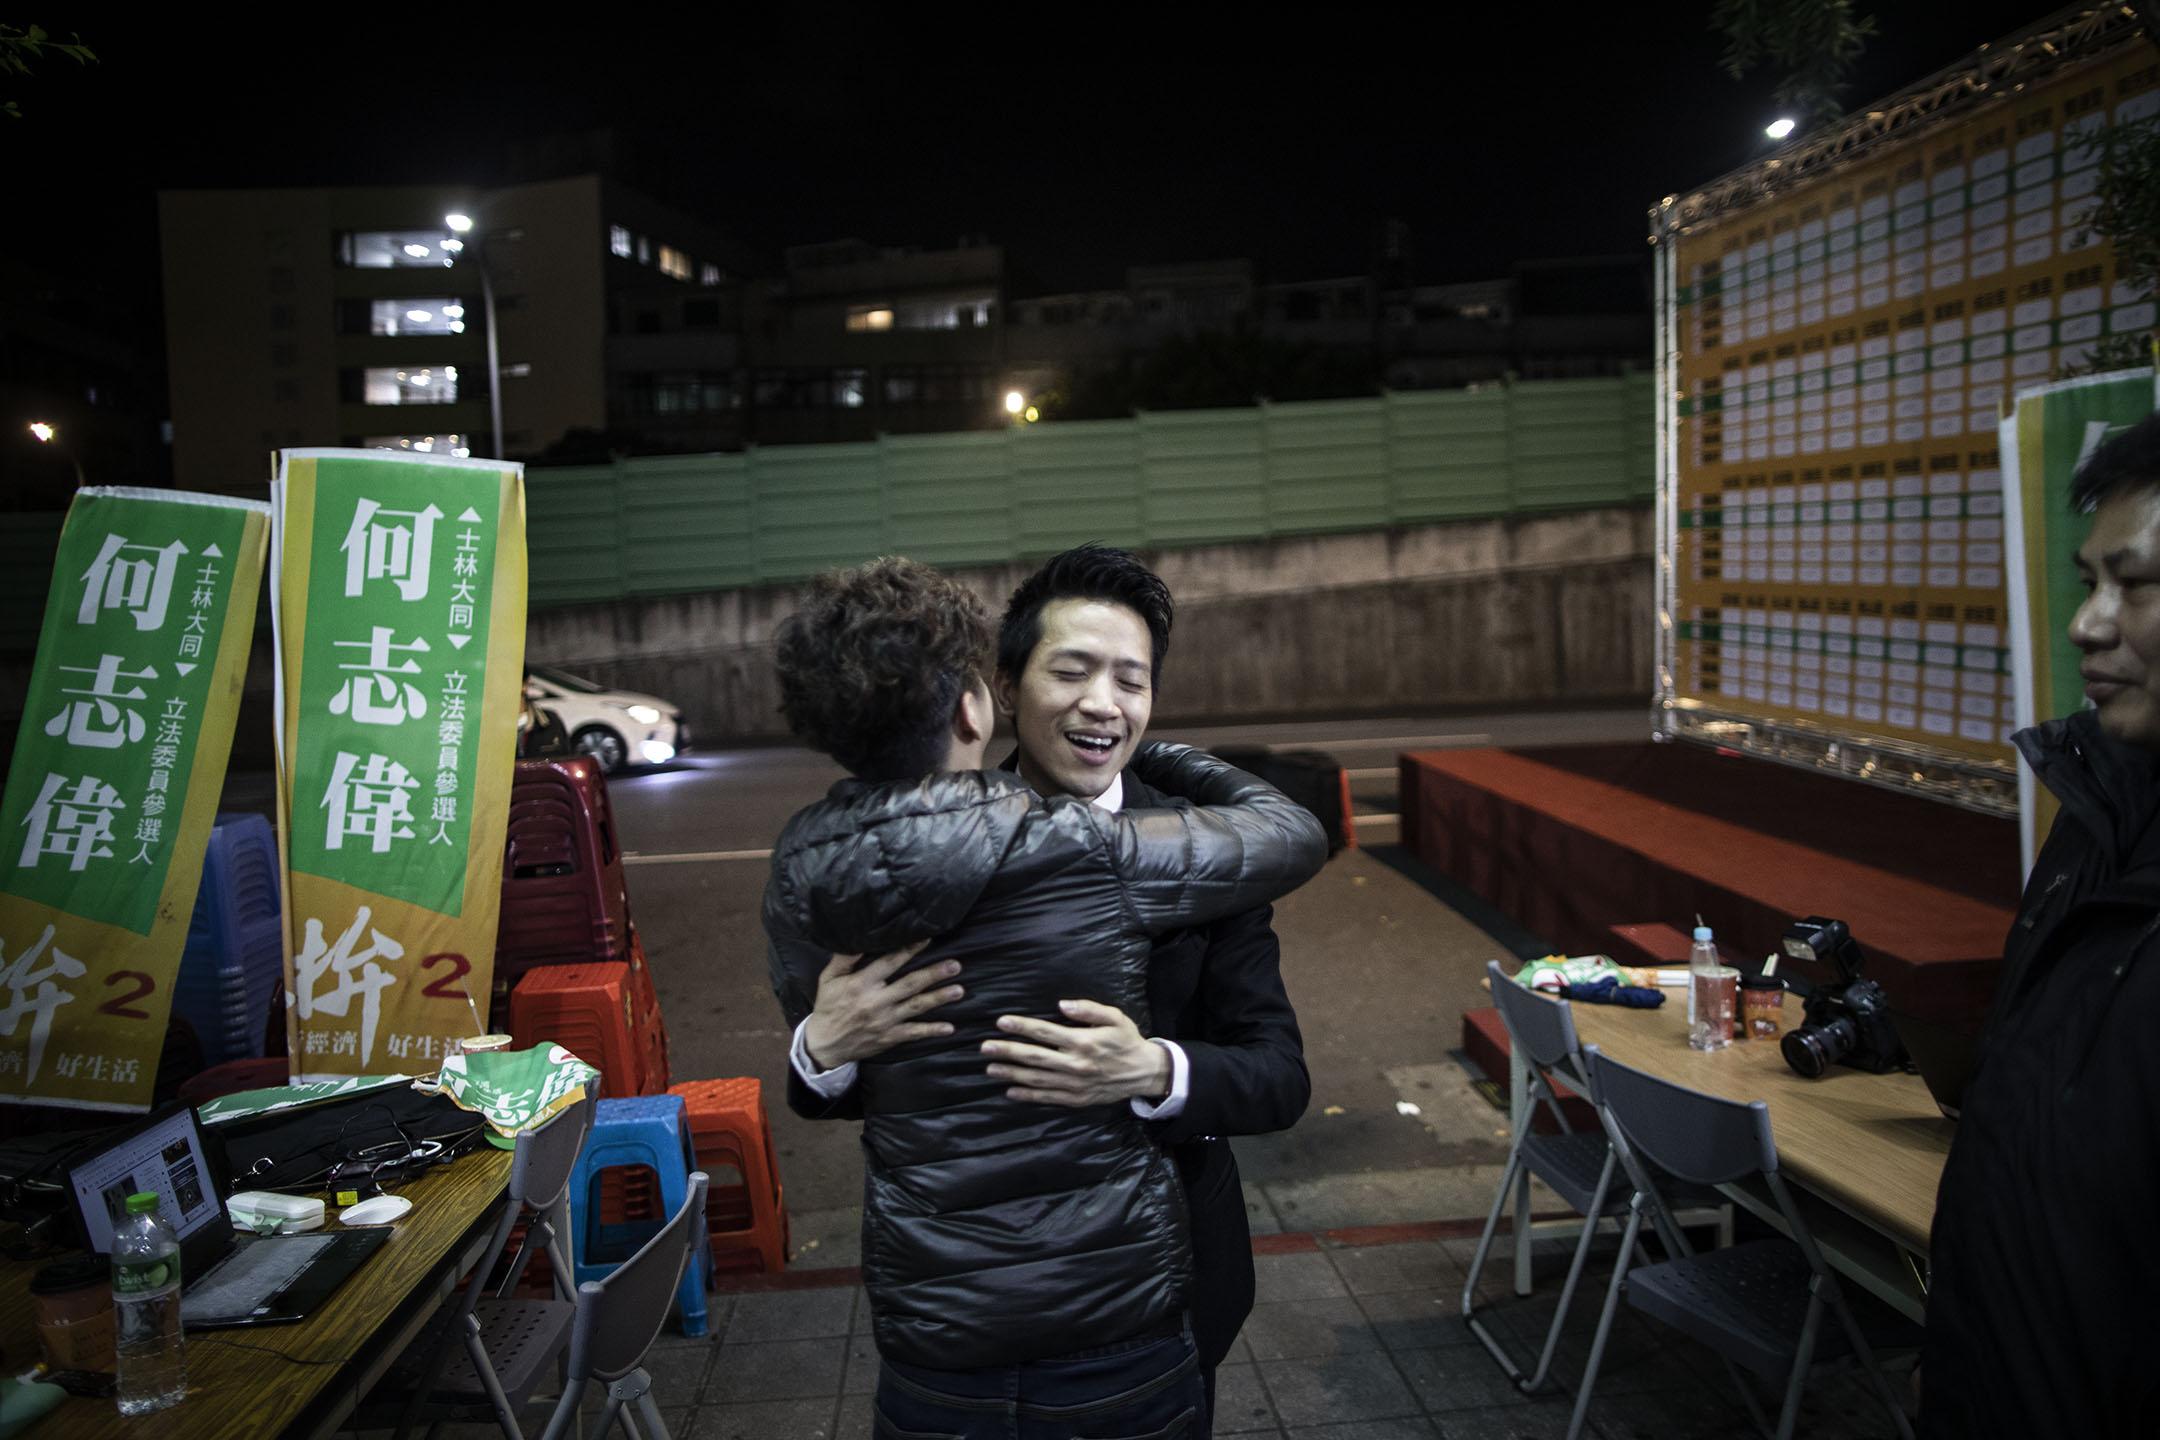 台北市立委補選,民進黨何志偉當選。 攝:陳焯煇/端傳媒